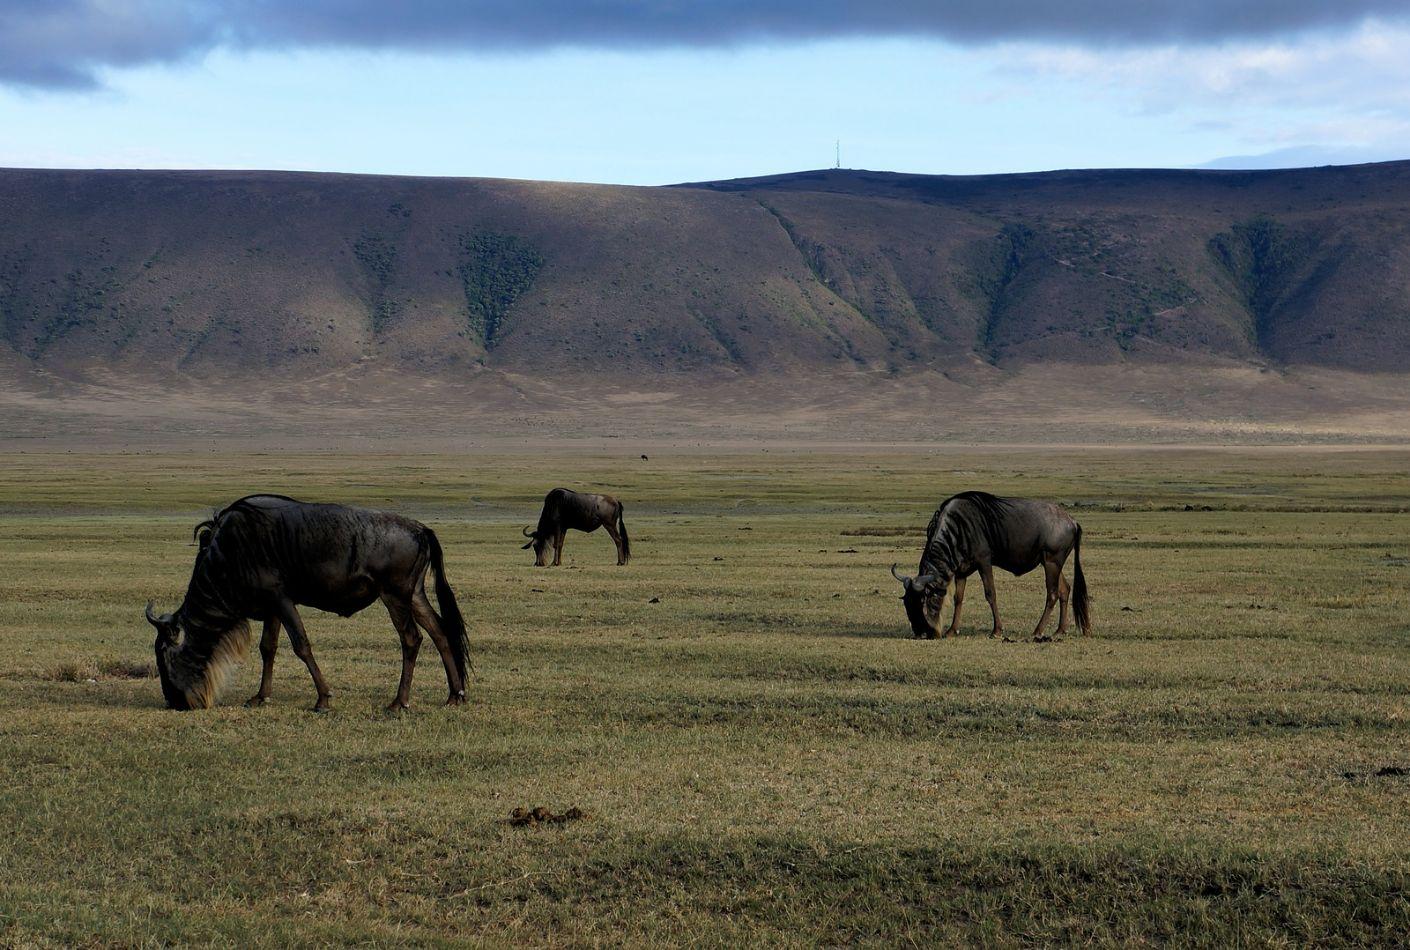 Ñus en el Cráter del Ngorongoro, Tanzania